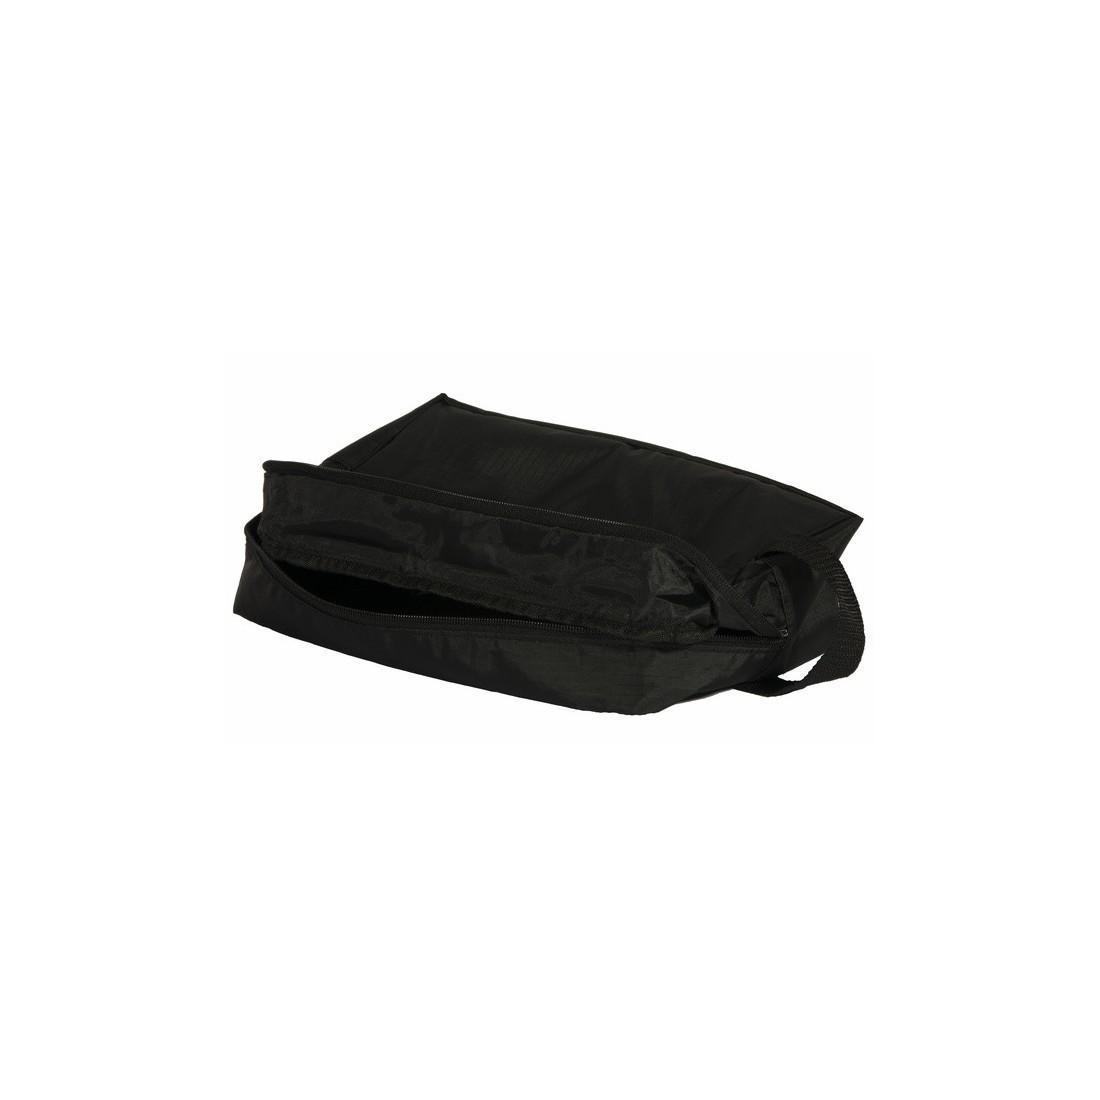 Kosmetyczka czarna klasyczna - plecak-tornister.pl